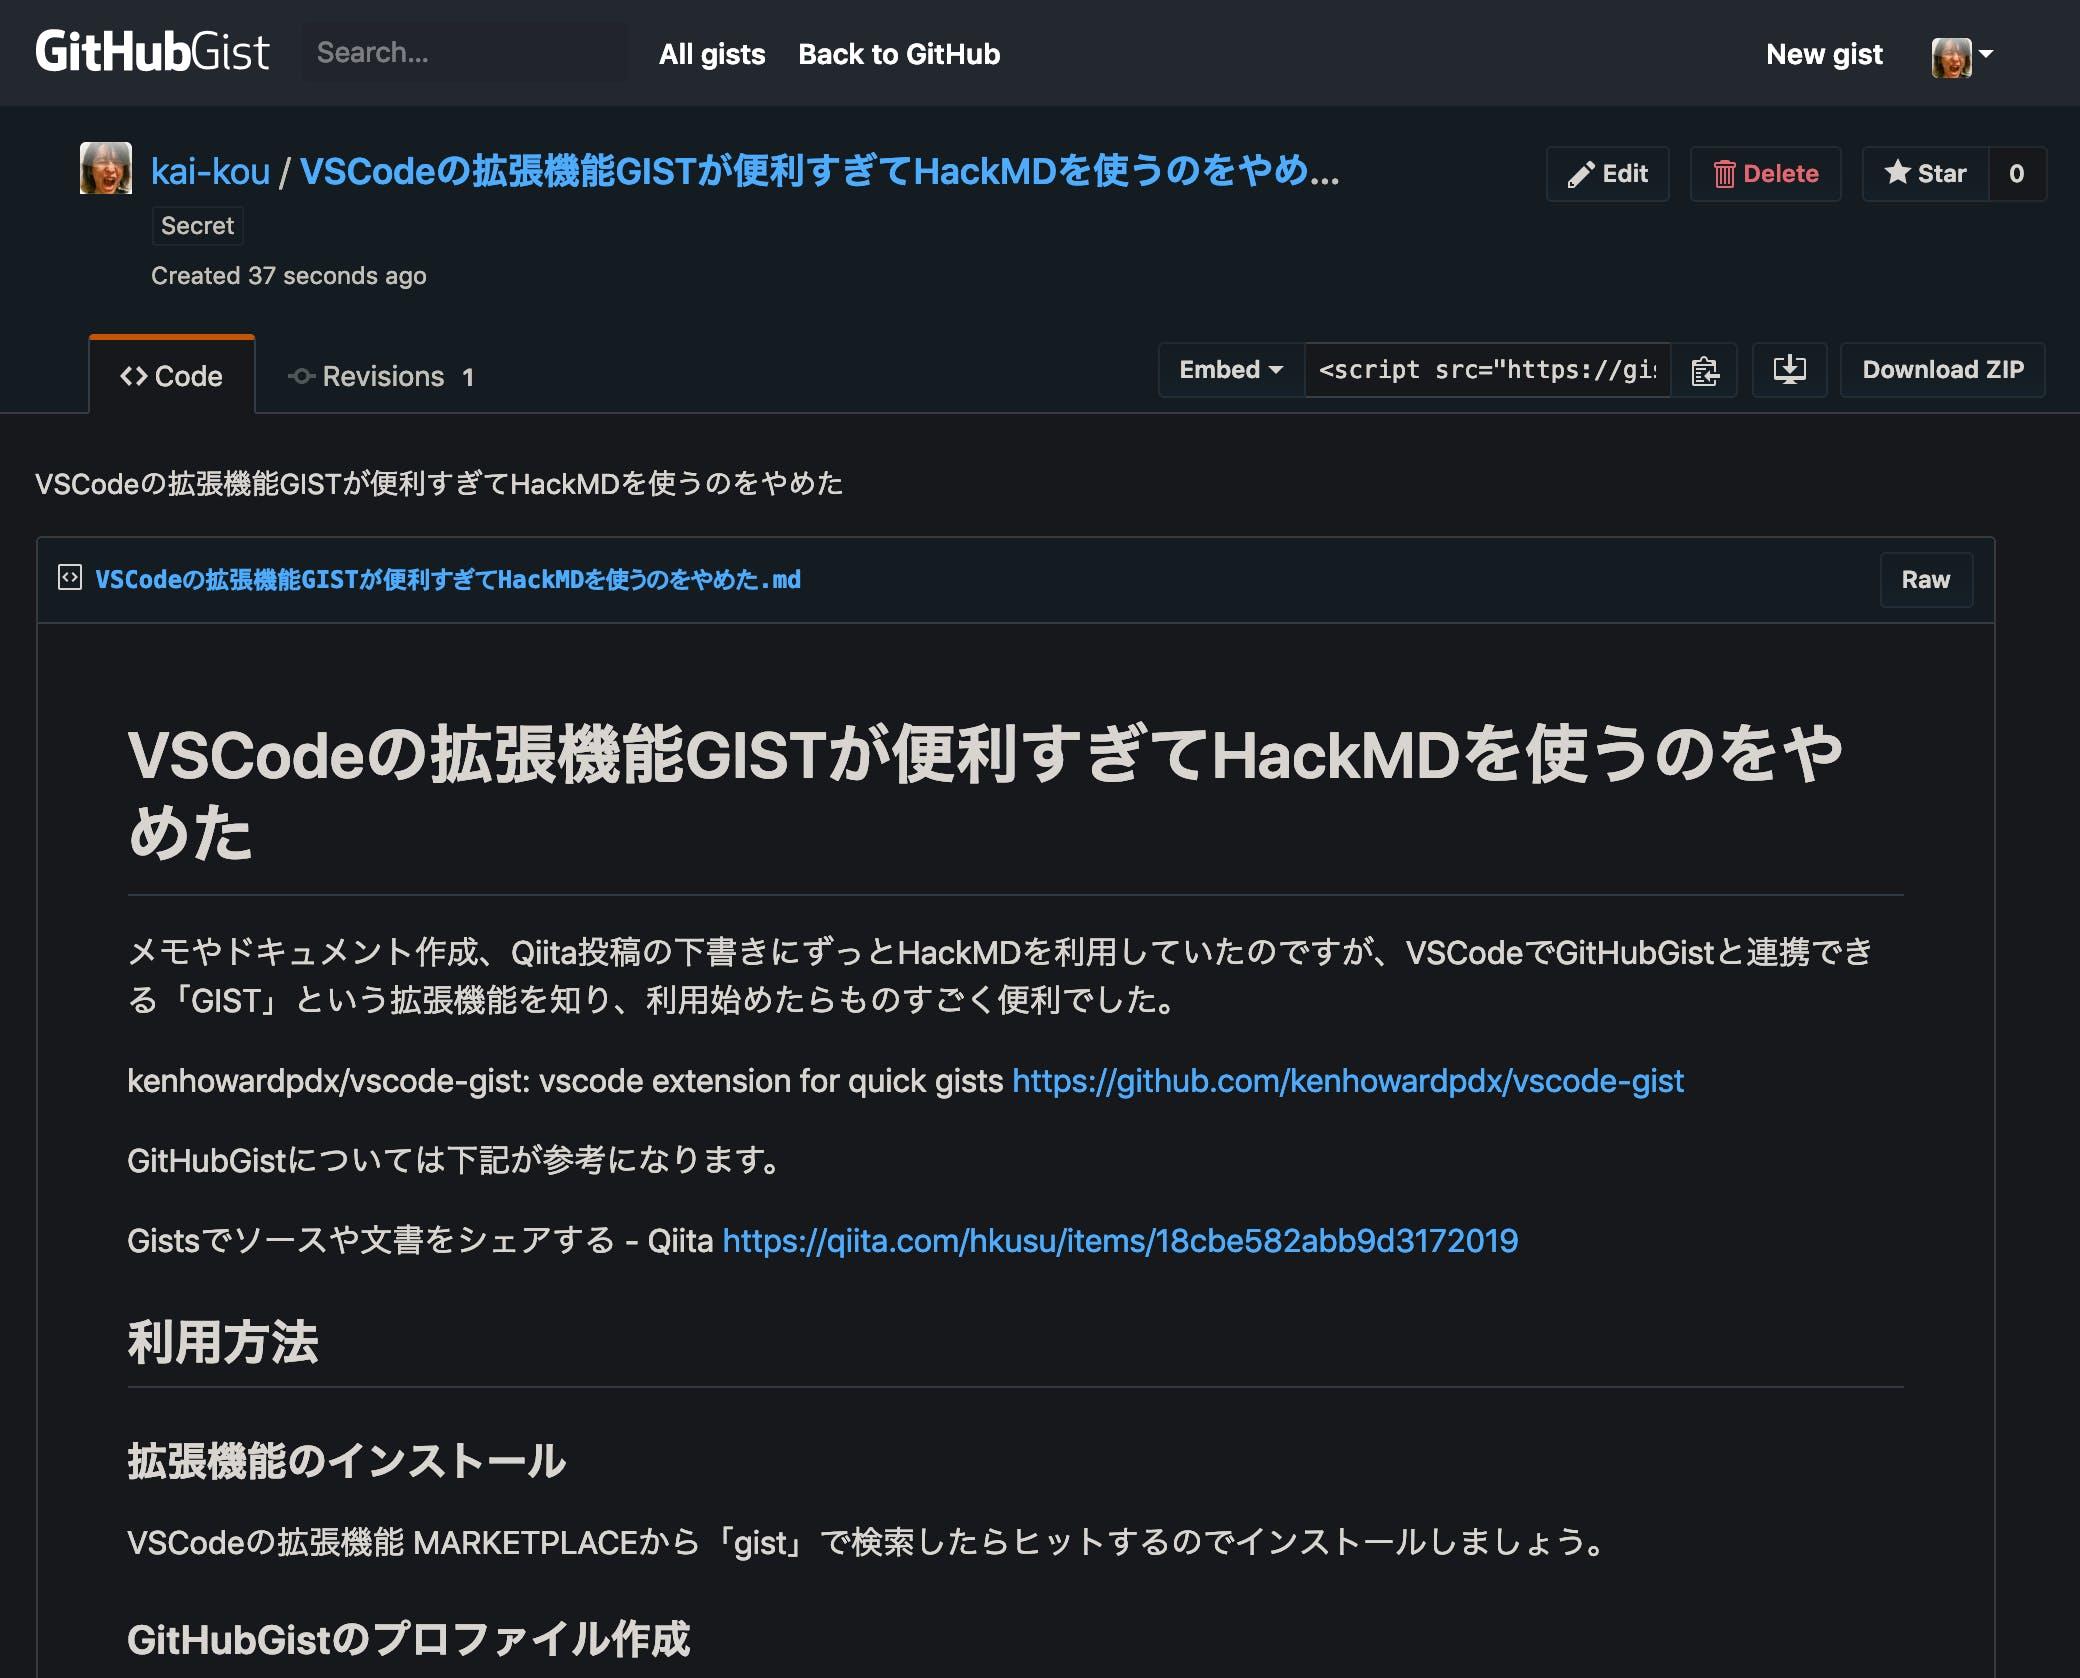 スクリーンショット 2019-02-26 15.02.07.png